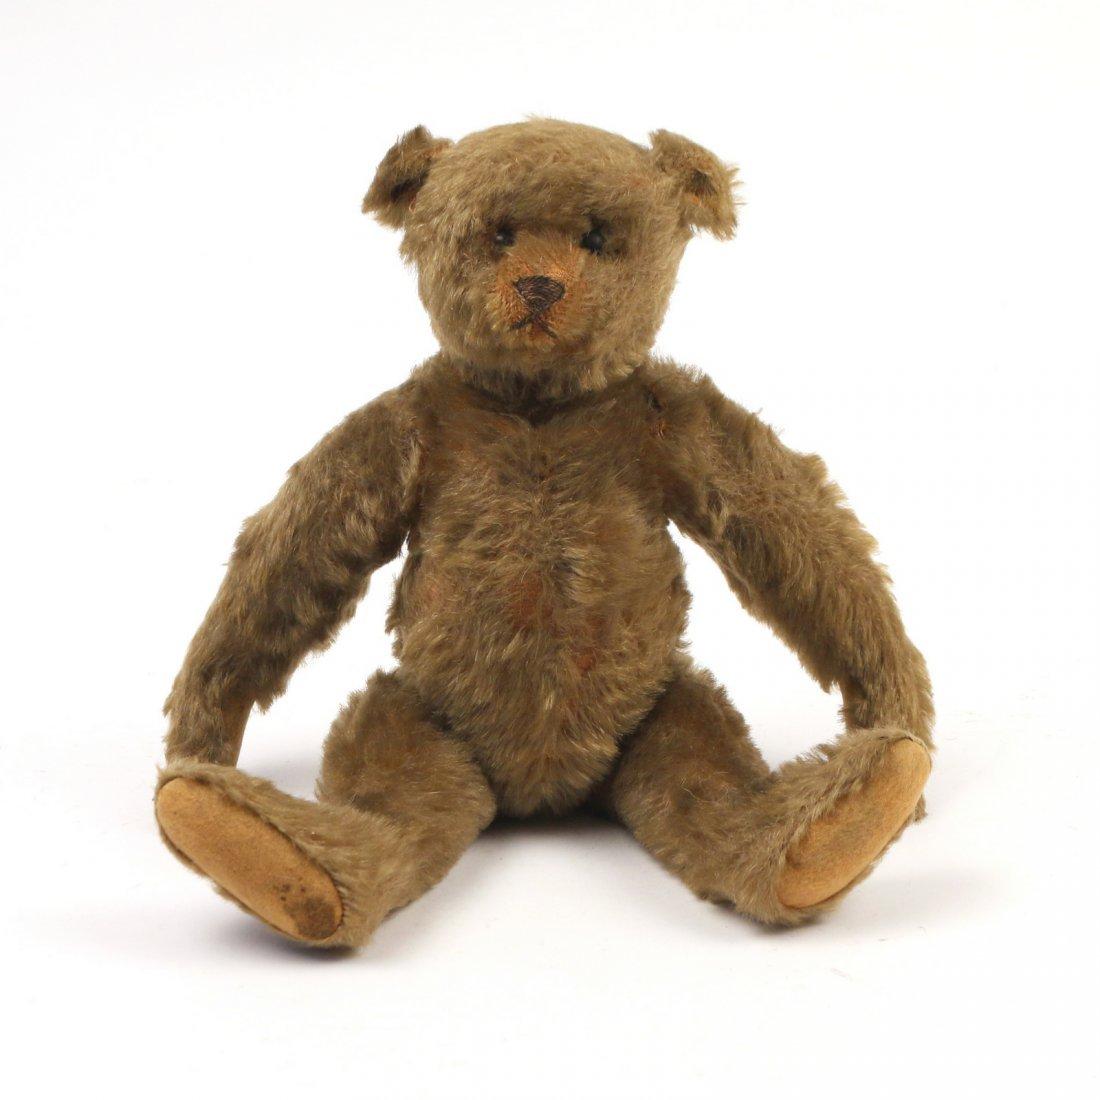 EARLY 20th C. STEIFF TEDDY BEAR